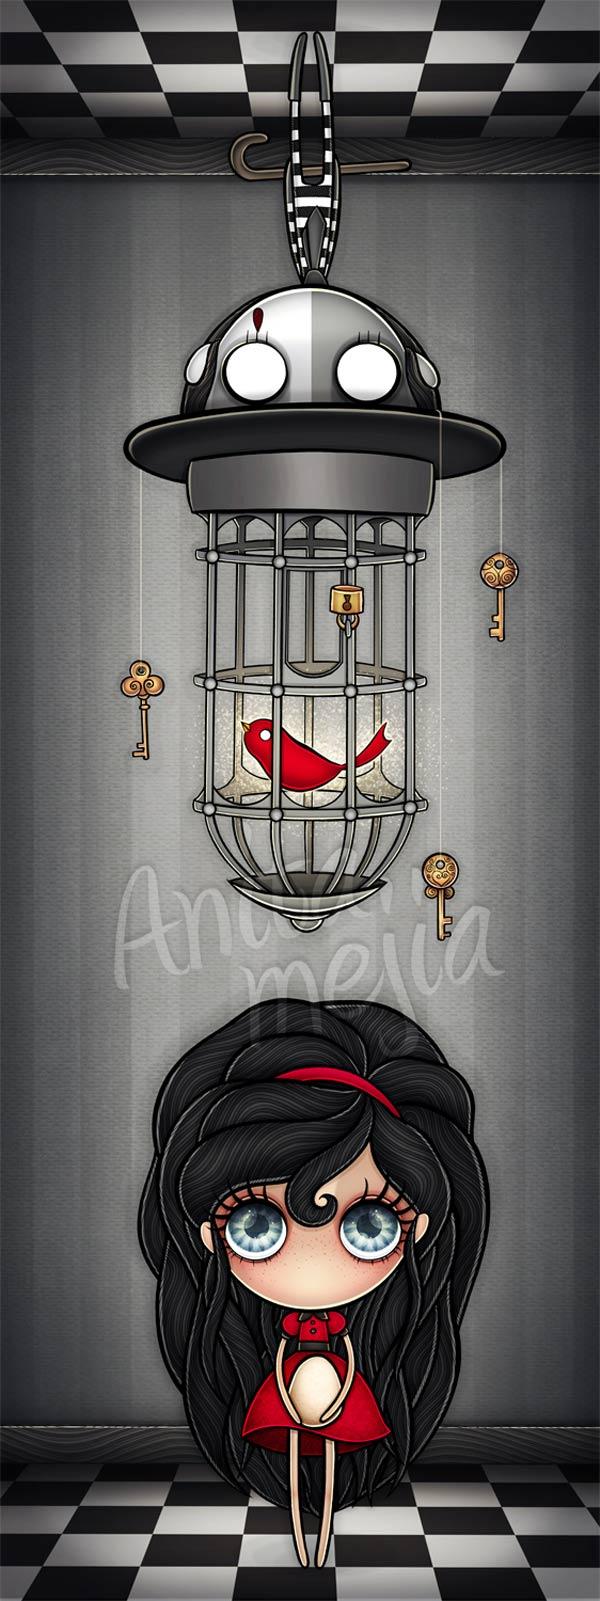 zuckersüße Illustrationen: Anita Mejía Anita_Mejia_04